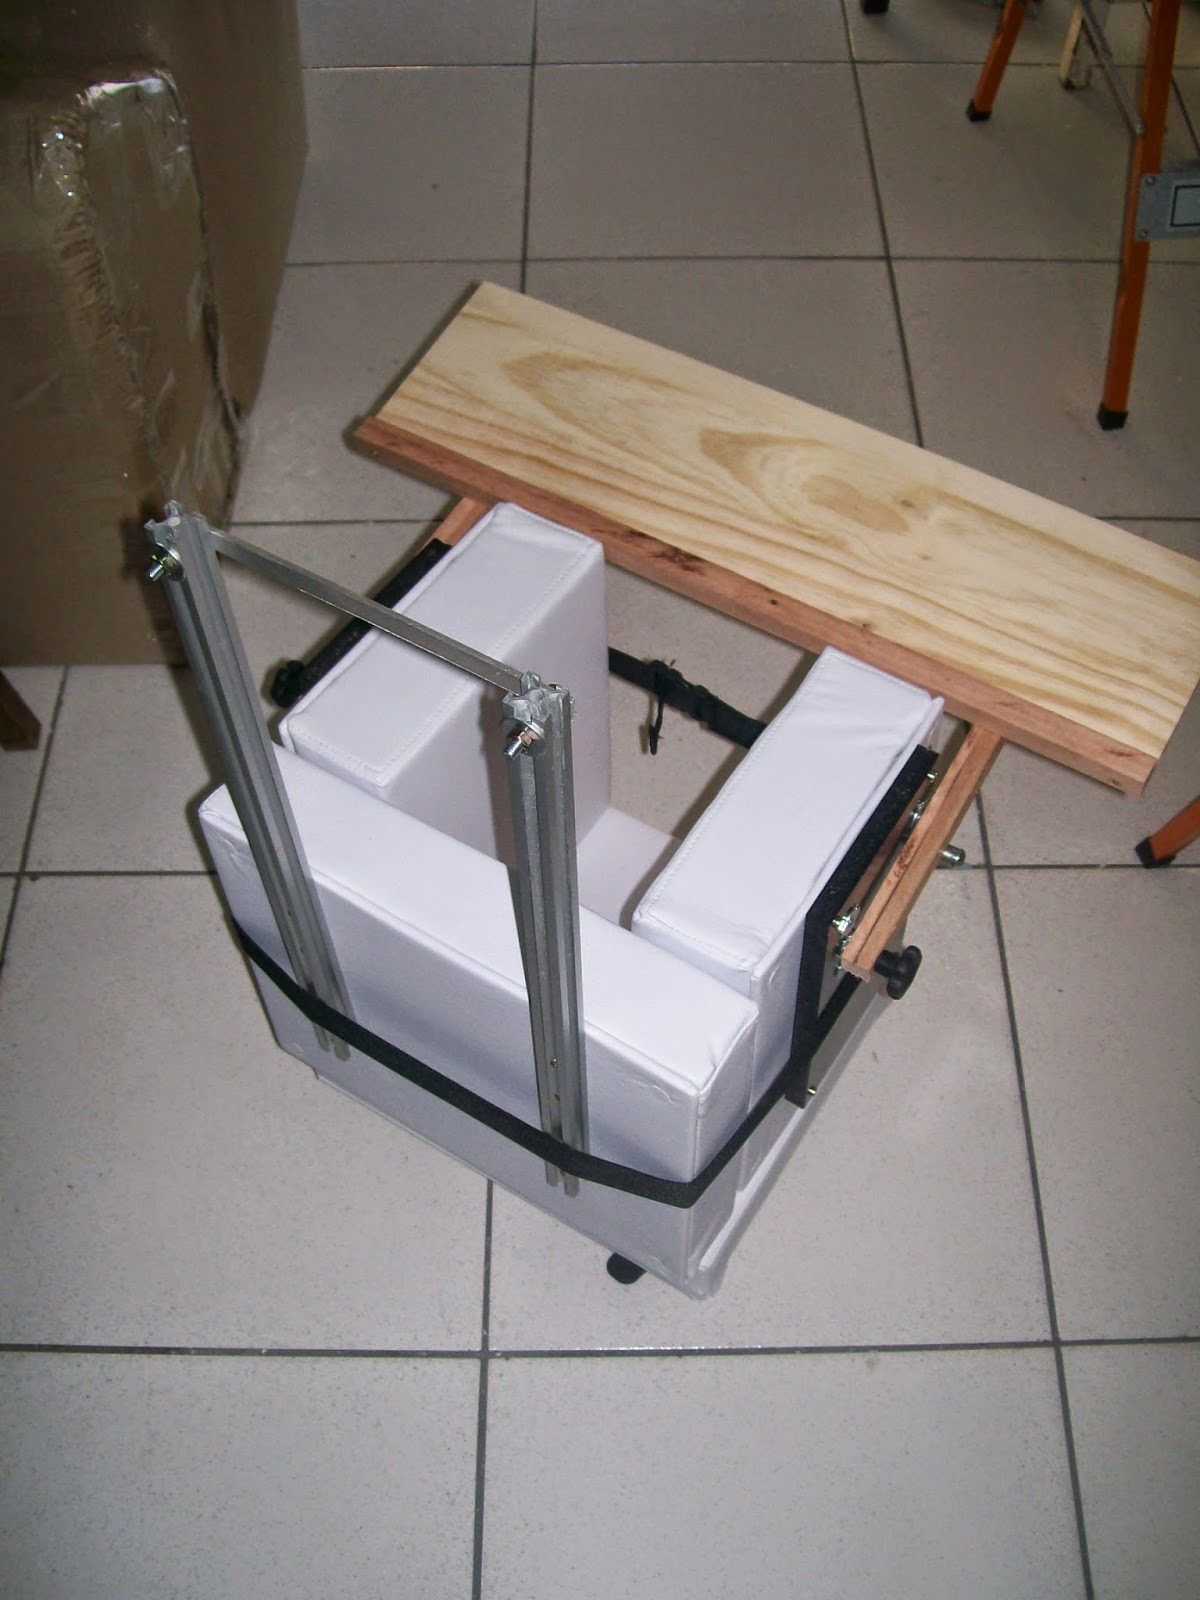 cadeira megaesofago com rodas